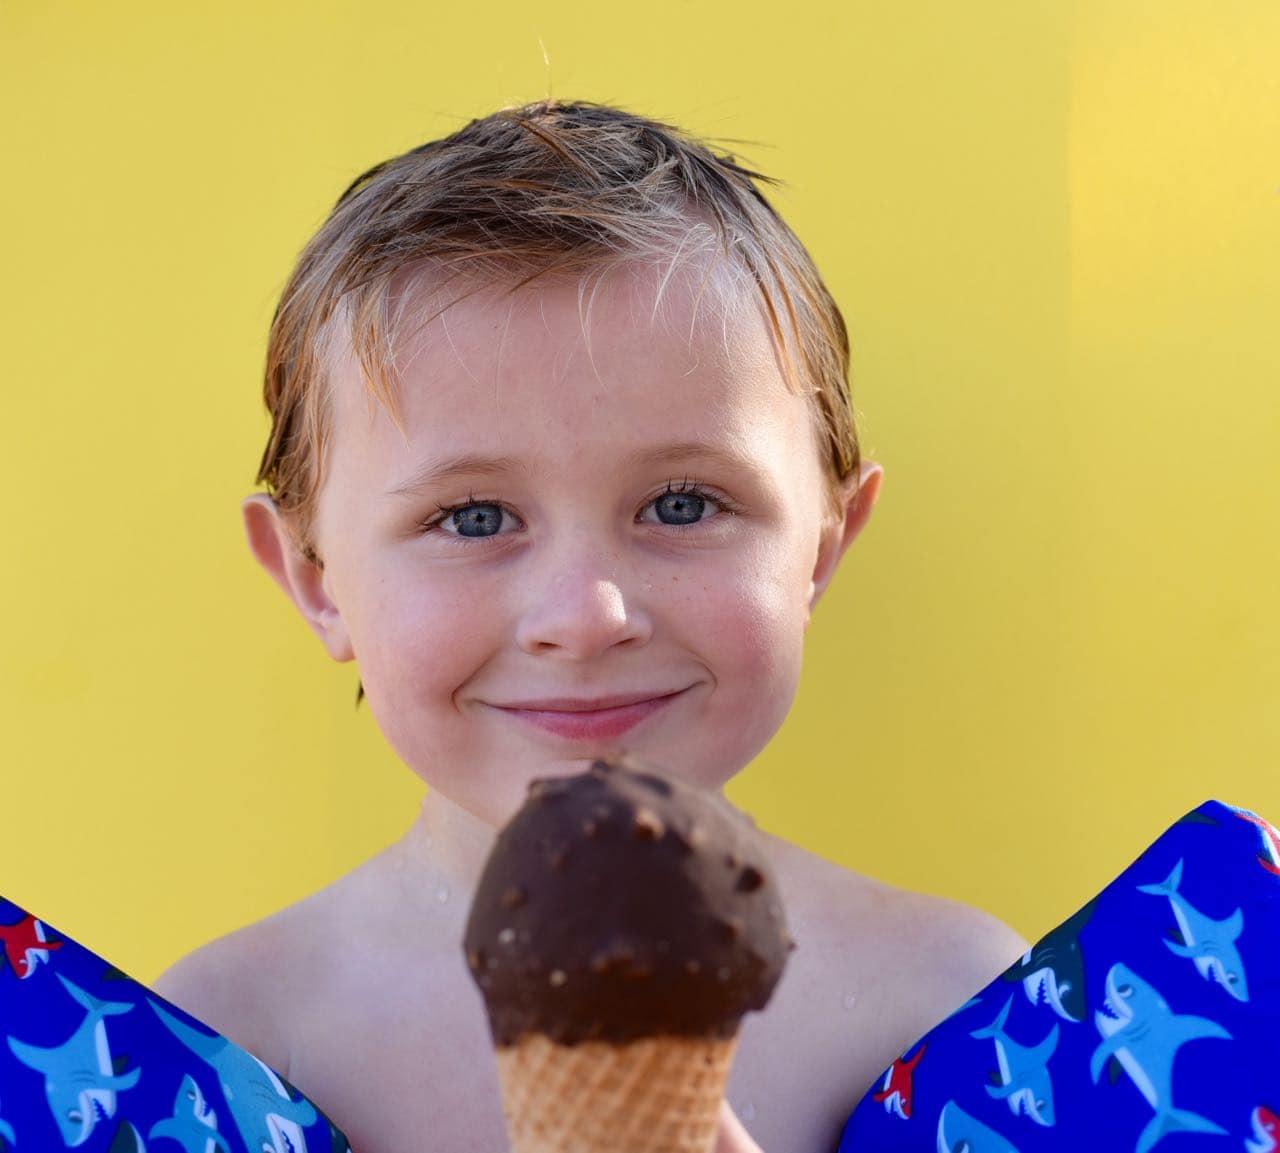 Ice cream pool party